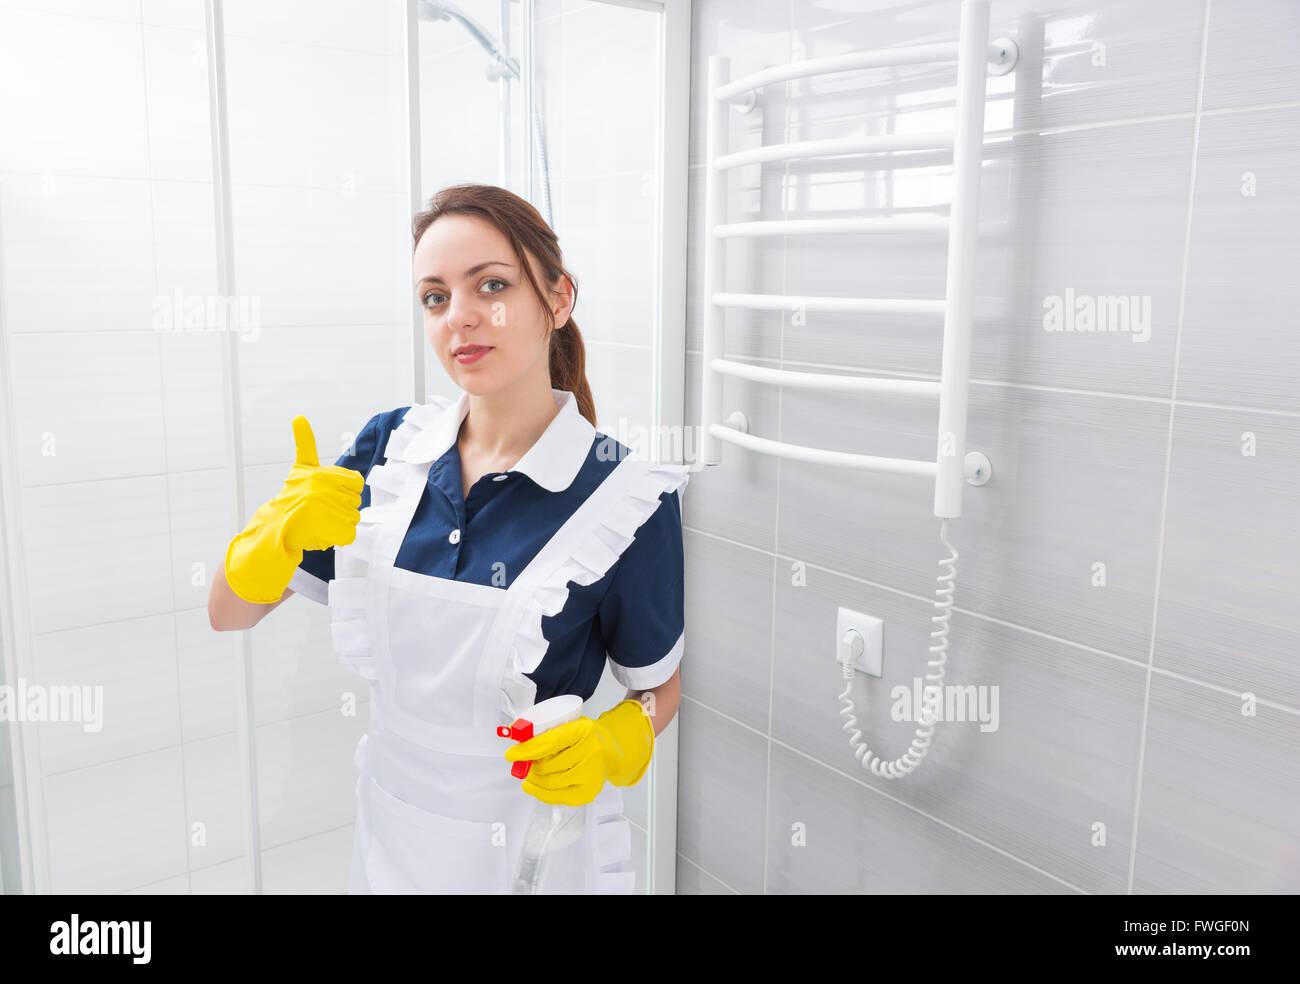 Certains jeunes employée de maison standing in robe bleue et tablier blanc avec Thumbs up geste tout en maintenant à côté de cabine de douche dans la salle de bains. Banque D'Images